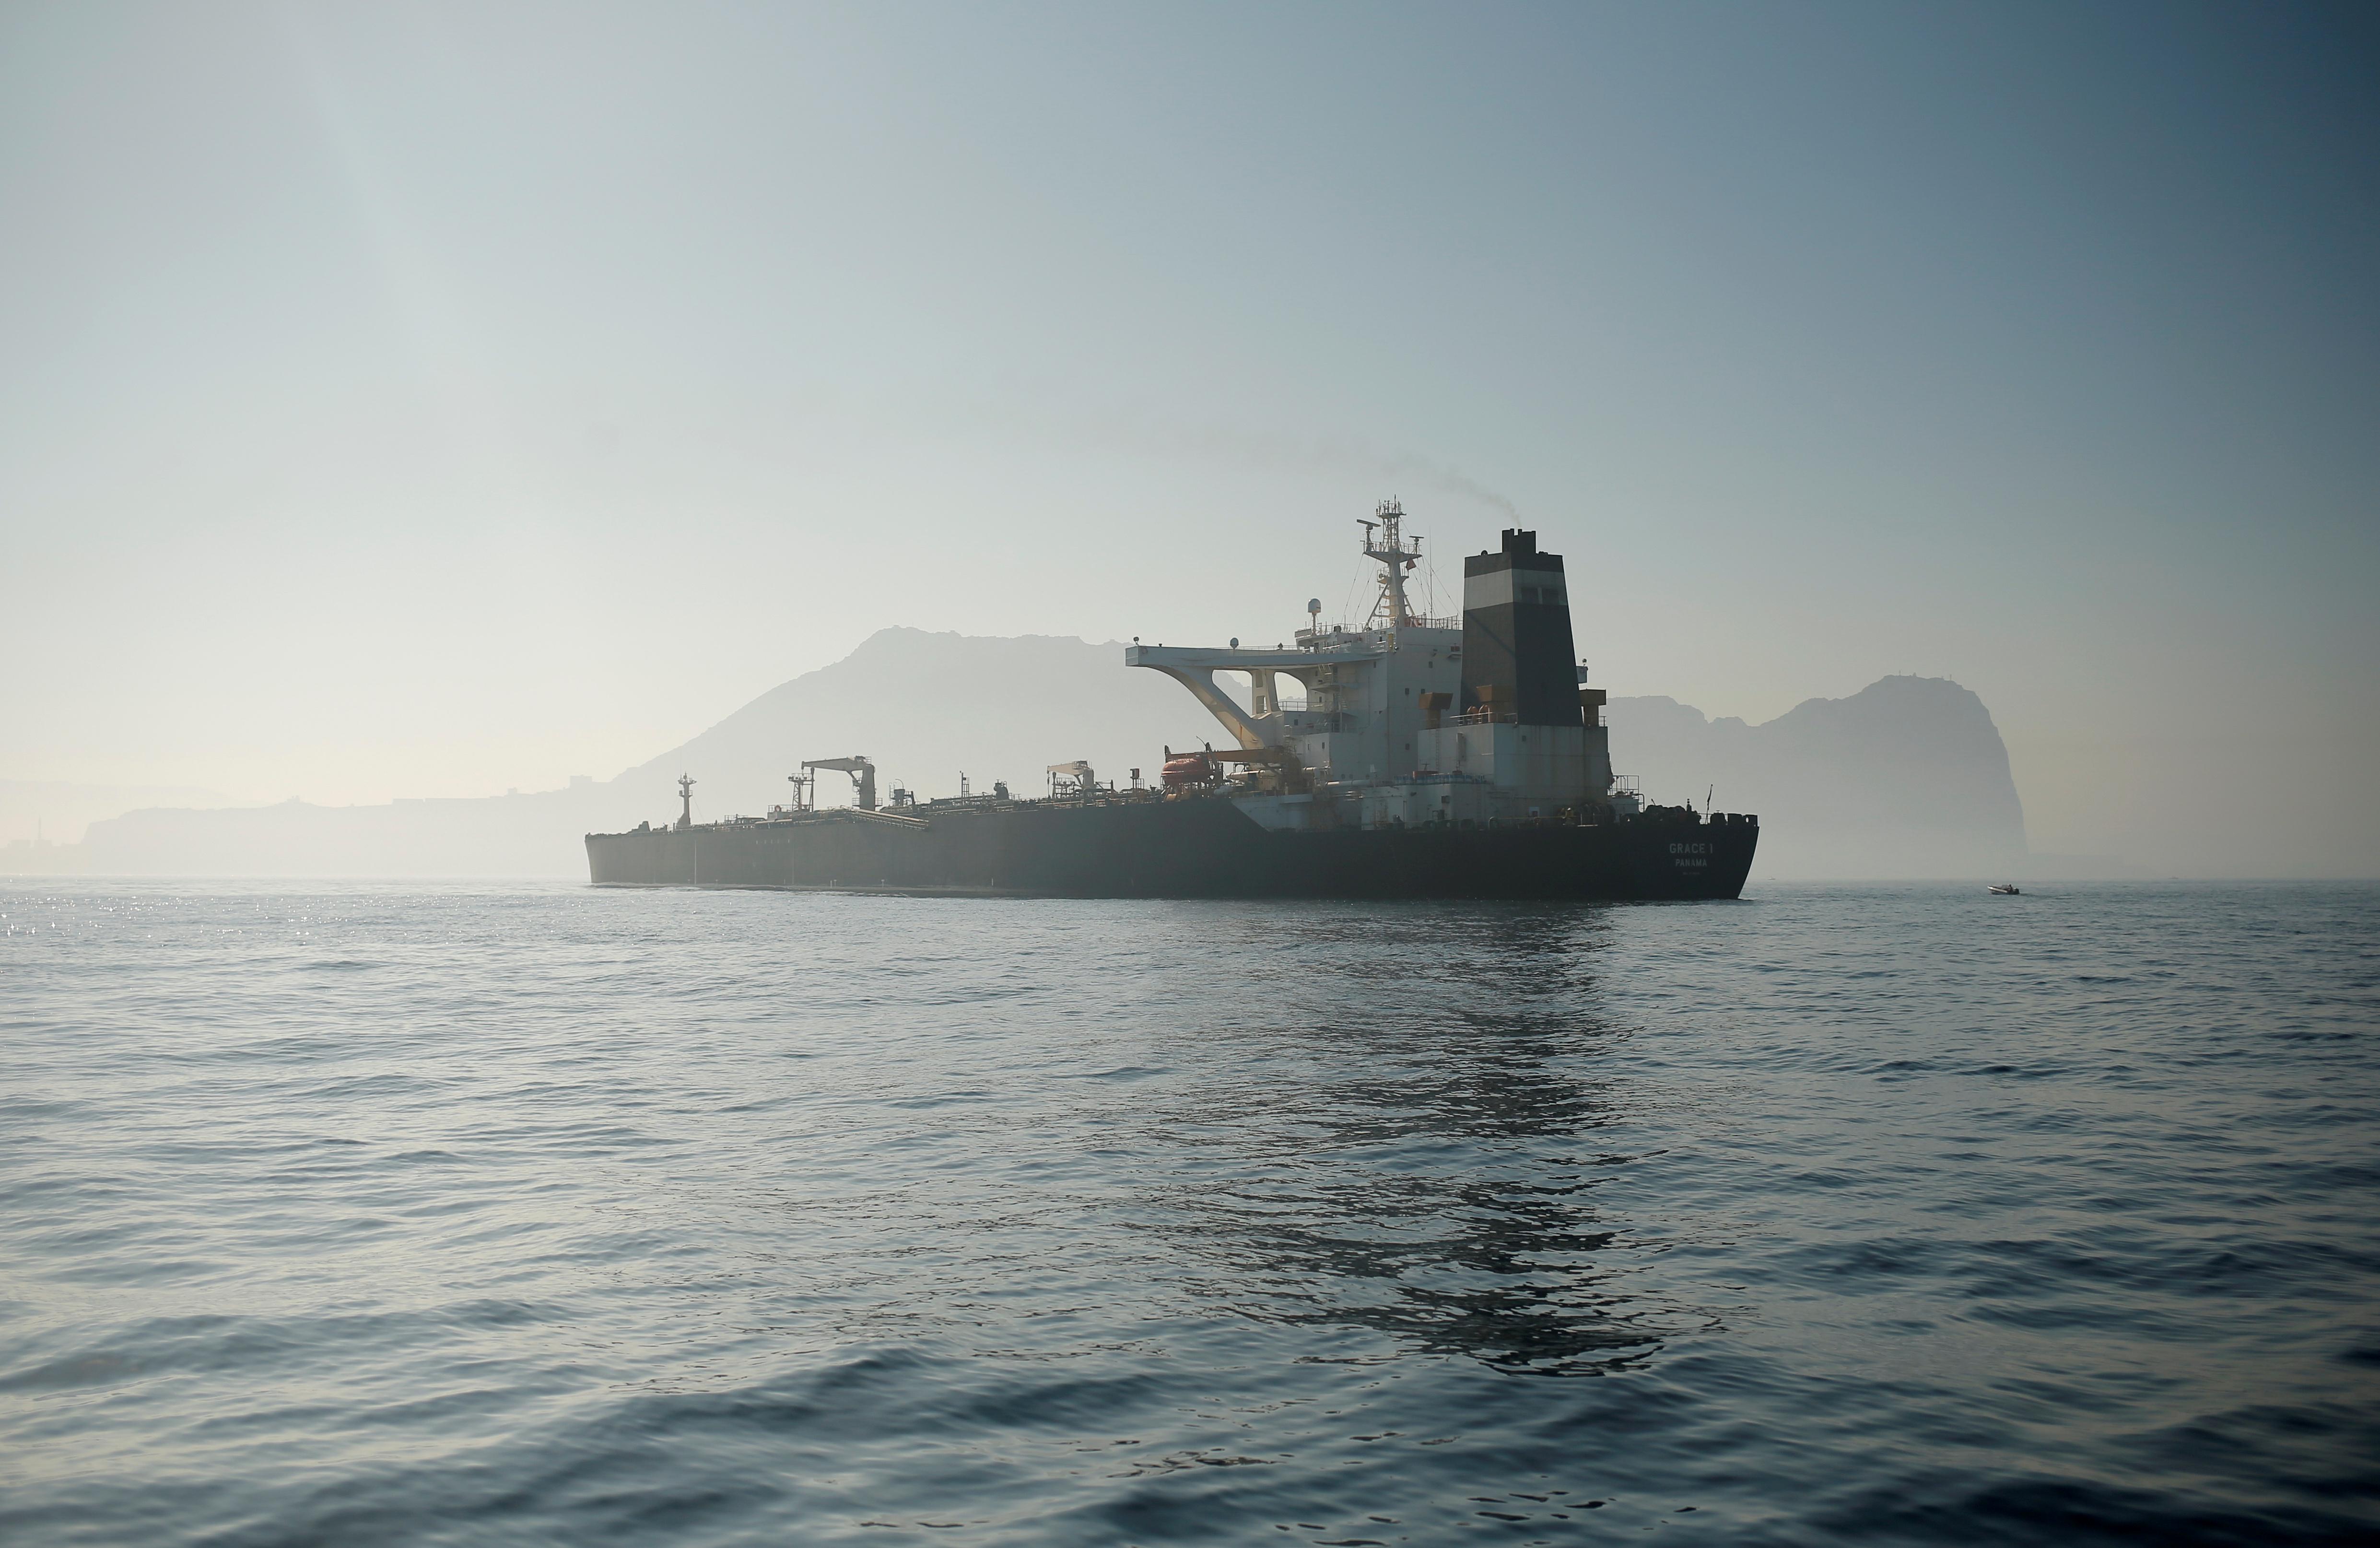 Γιβραλτάρ: Όταν είναι έτοιμο θα αποπλεύσει το ιρανικό τάνκερ